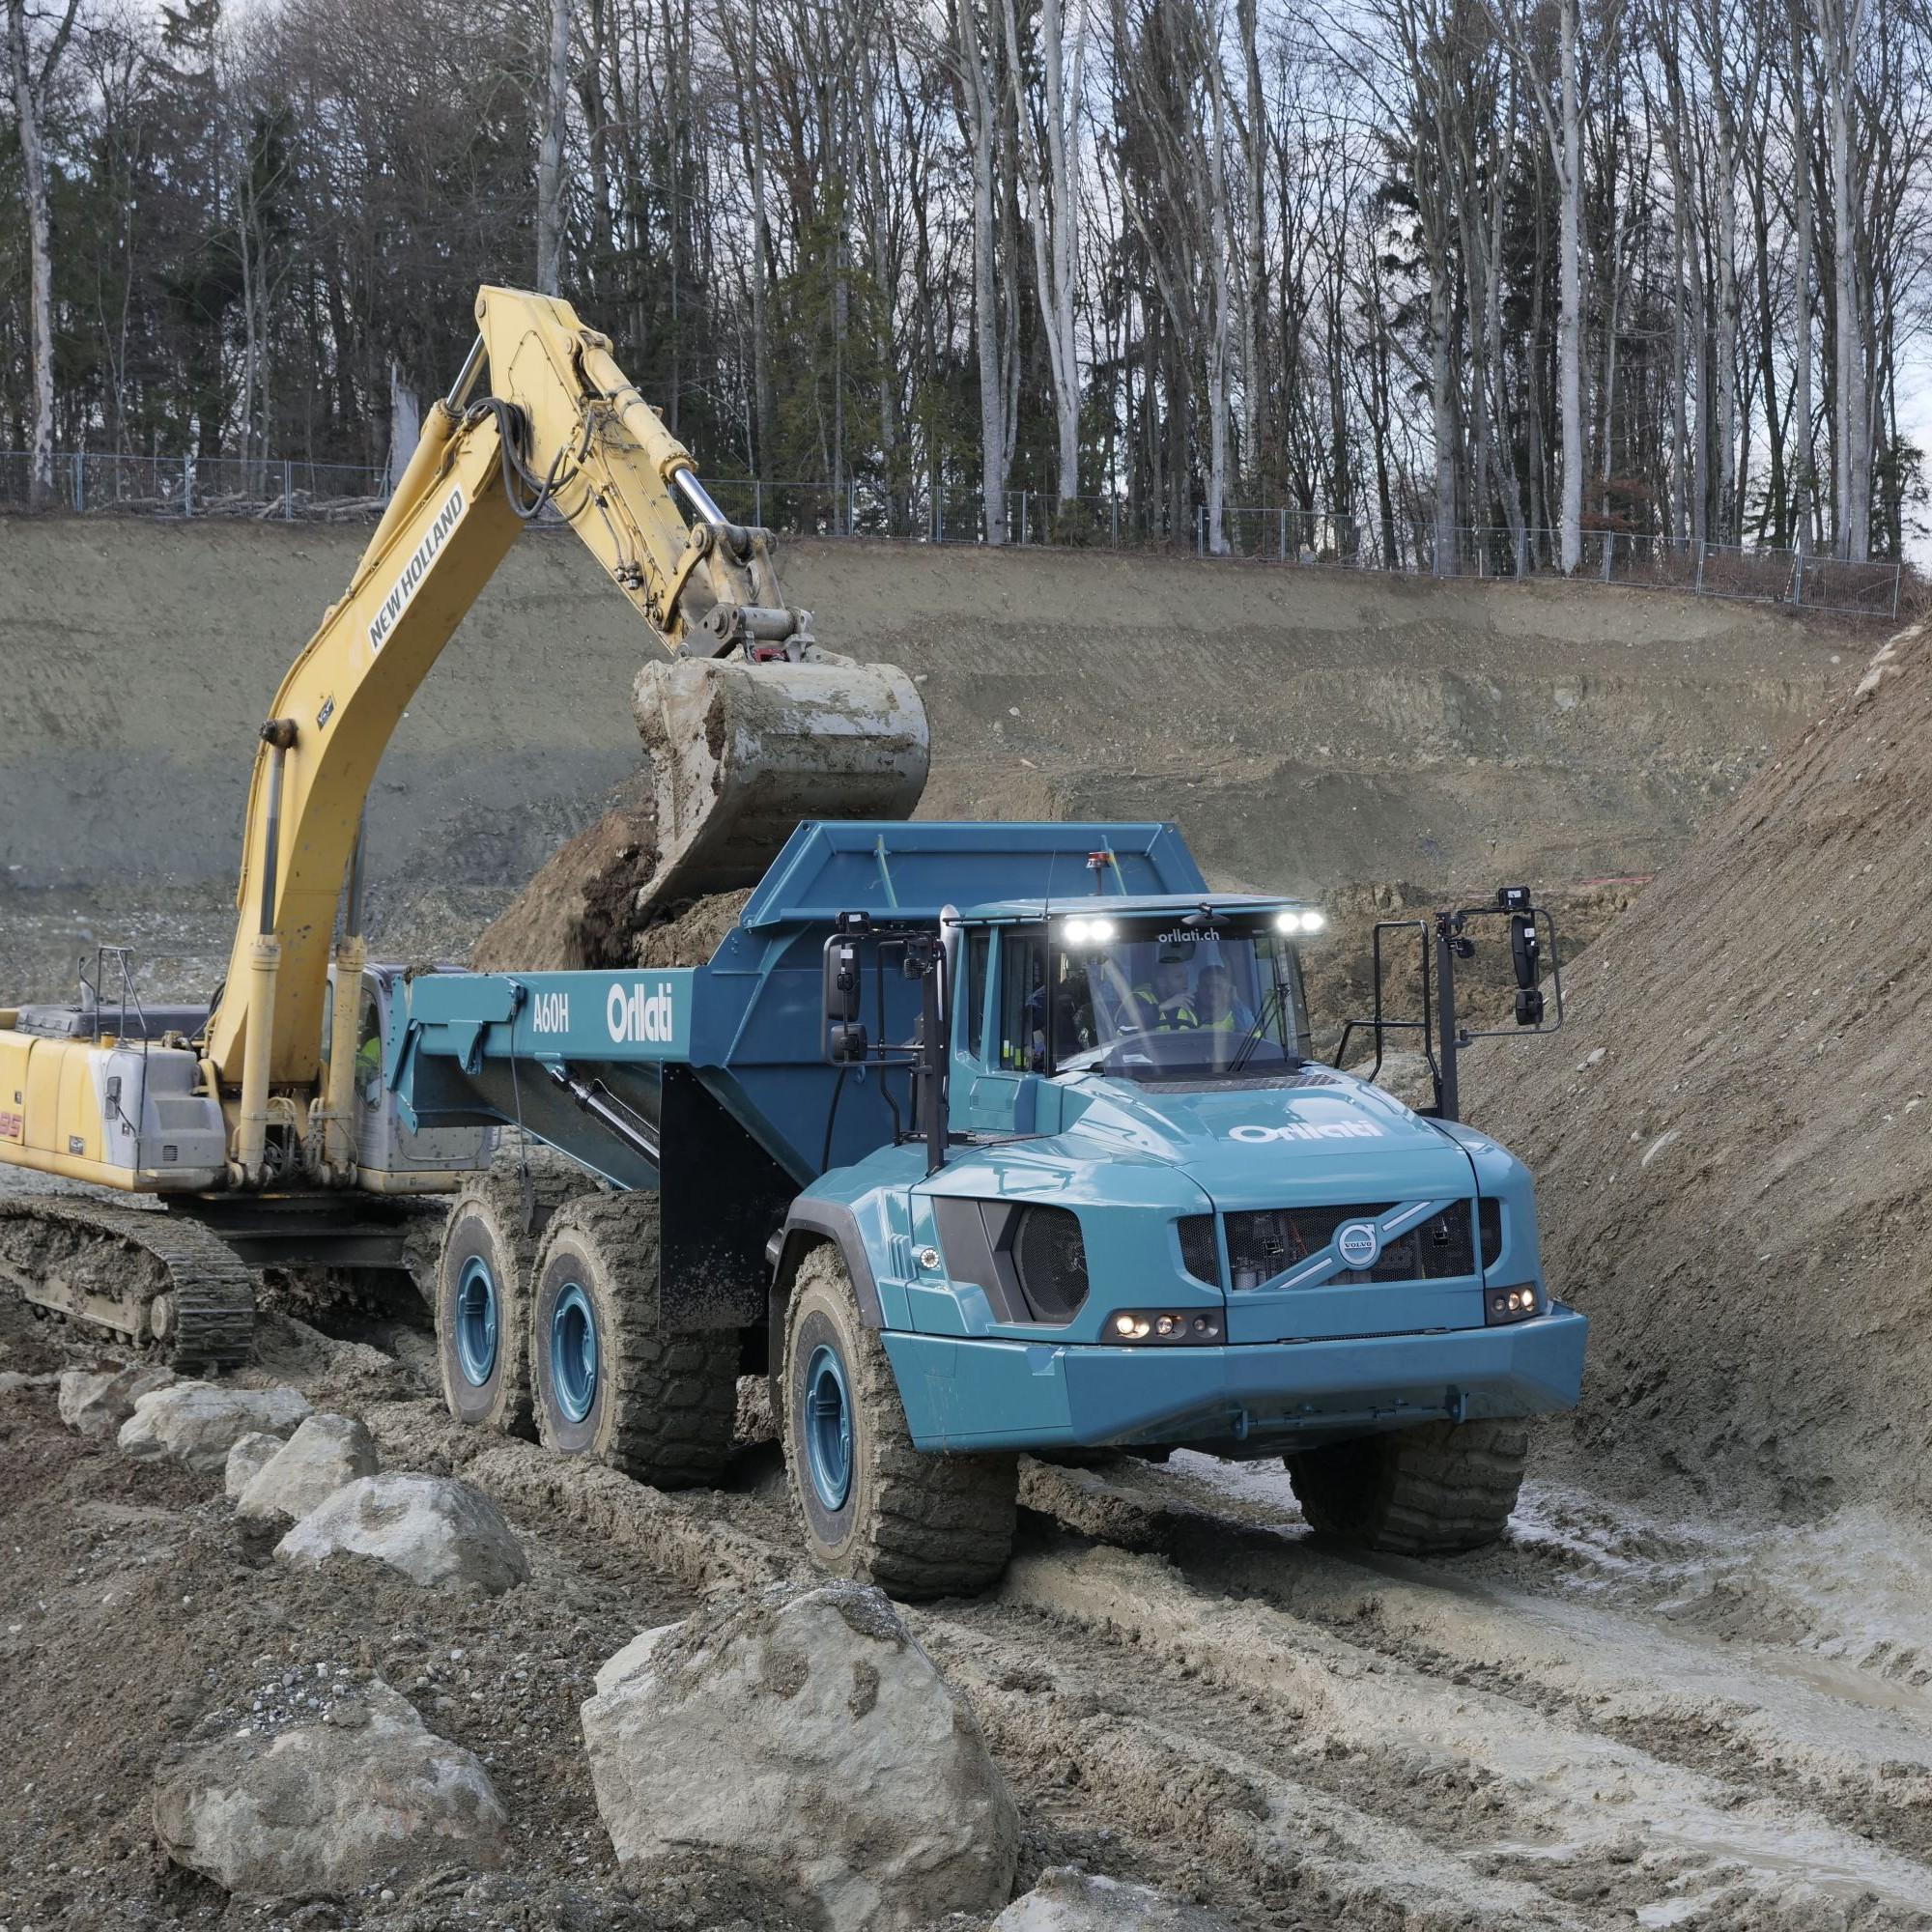 La capacité de charge utile du Volvo A60H est impressionnante: 55 tonnes!